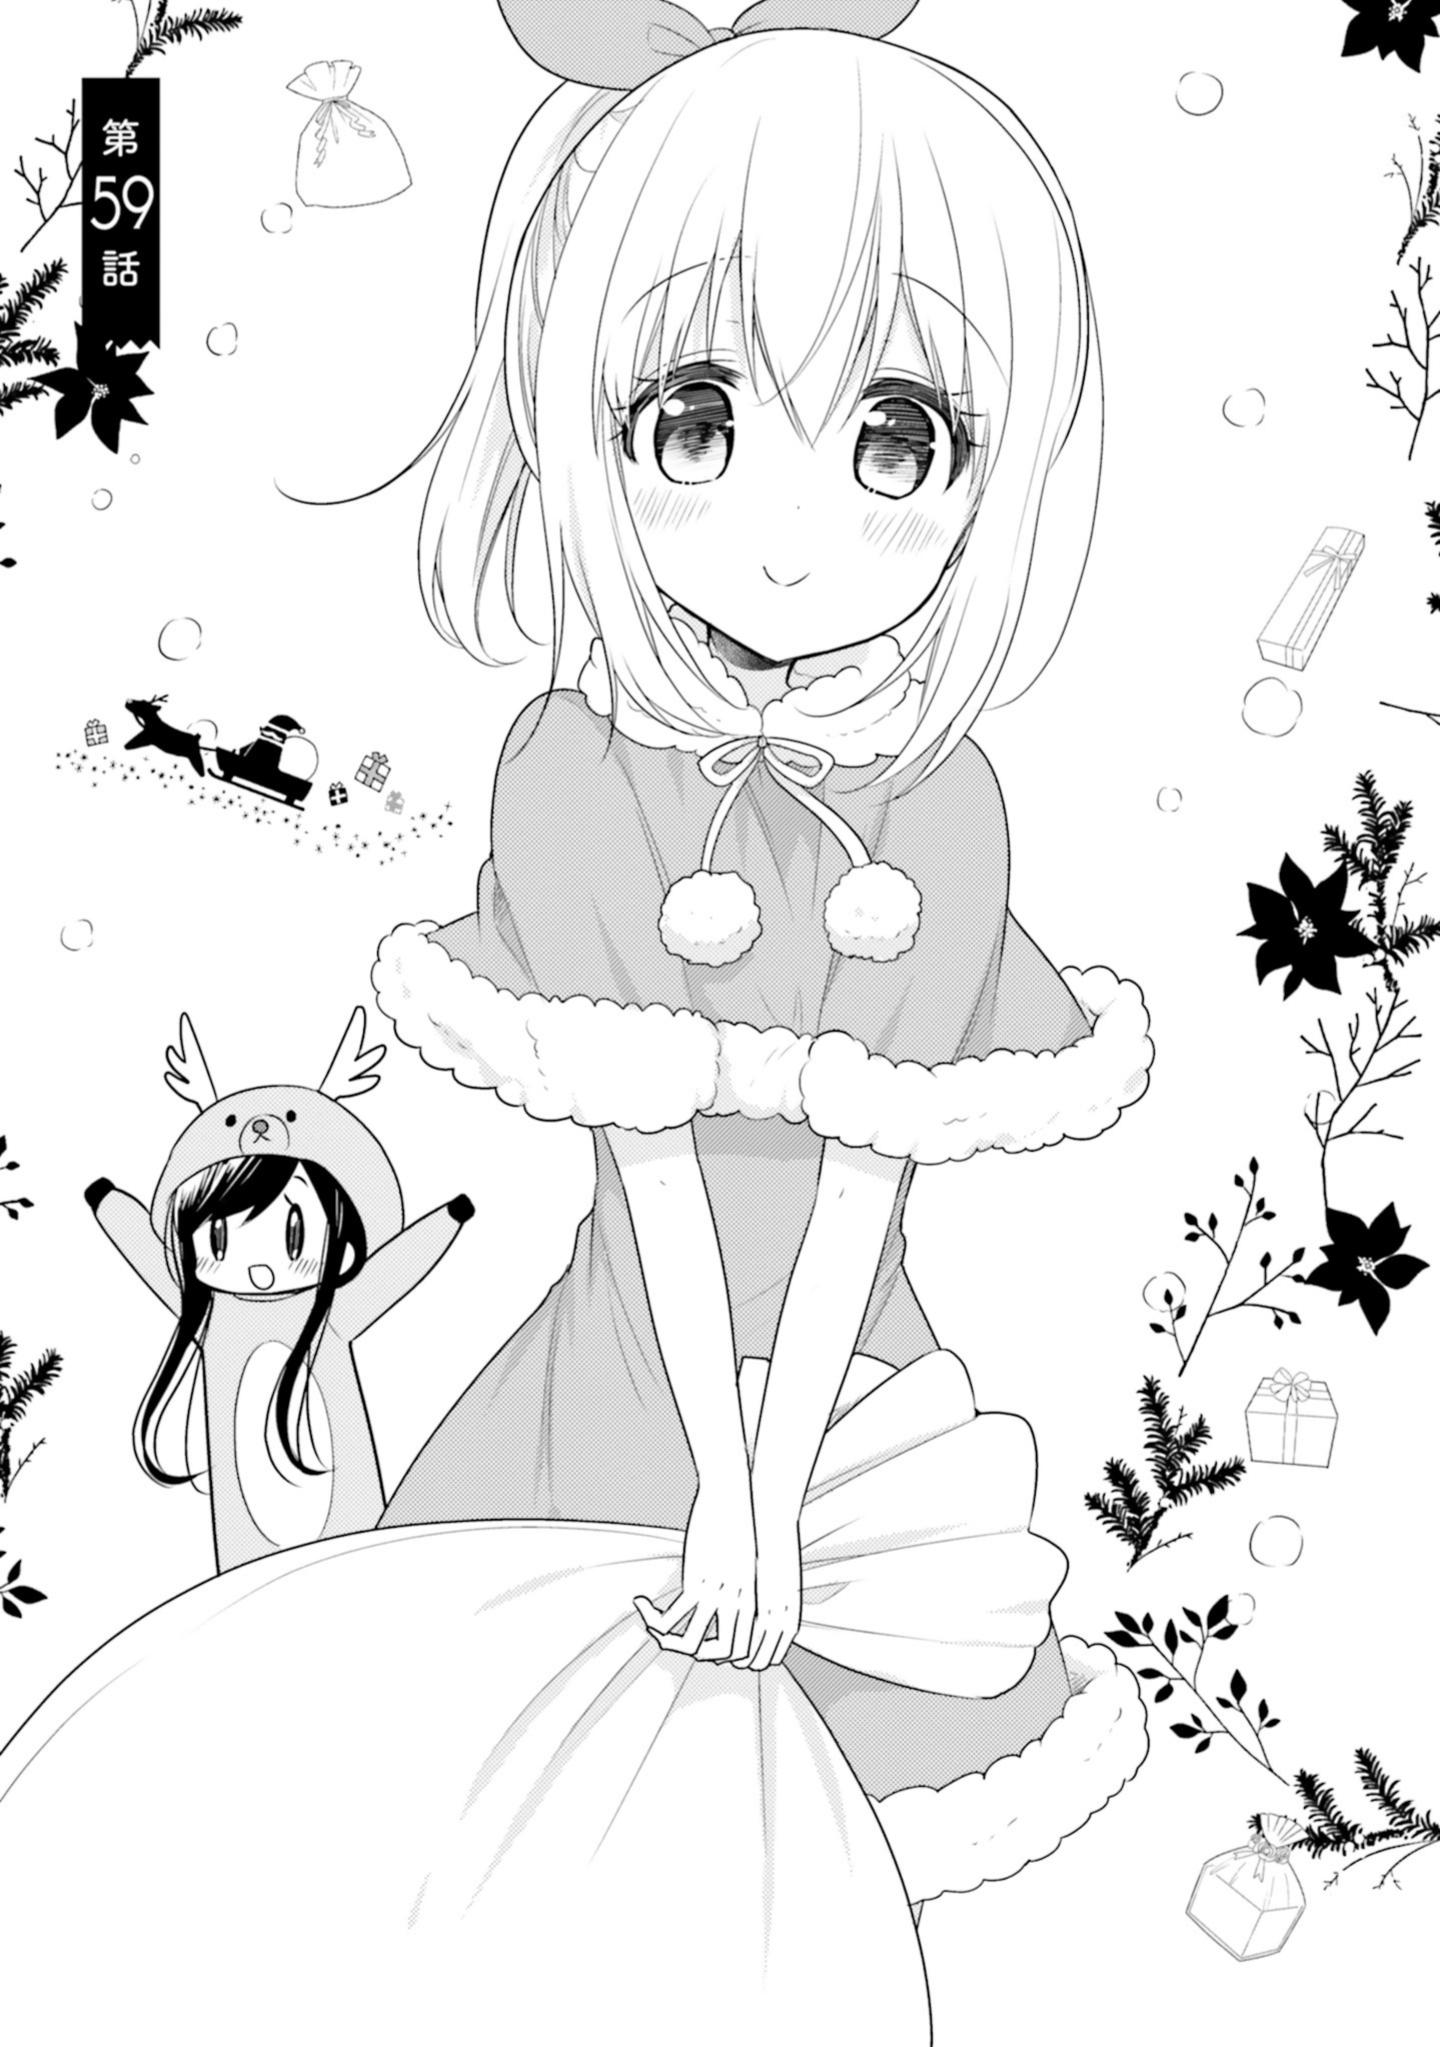 Manga Orenchi No Maid-San - Chapter 59 Page 1